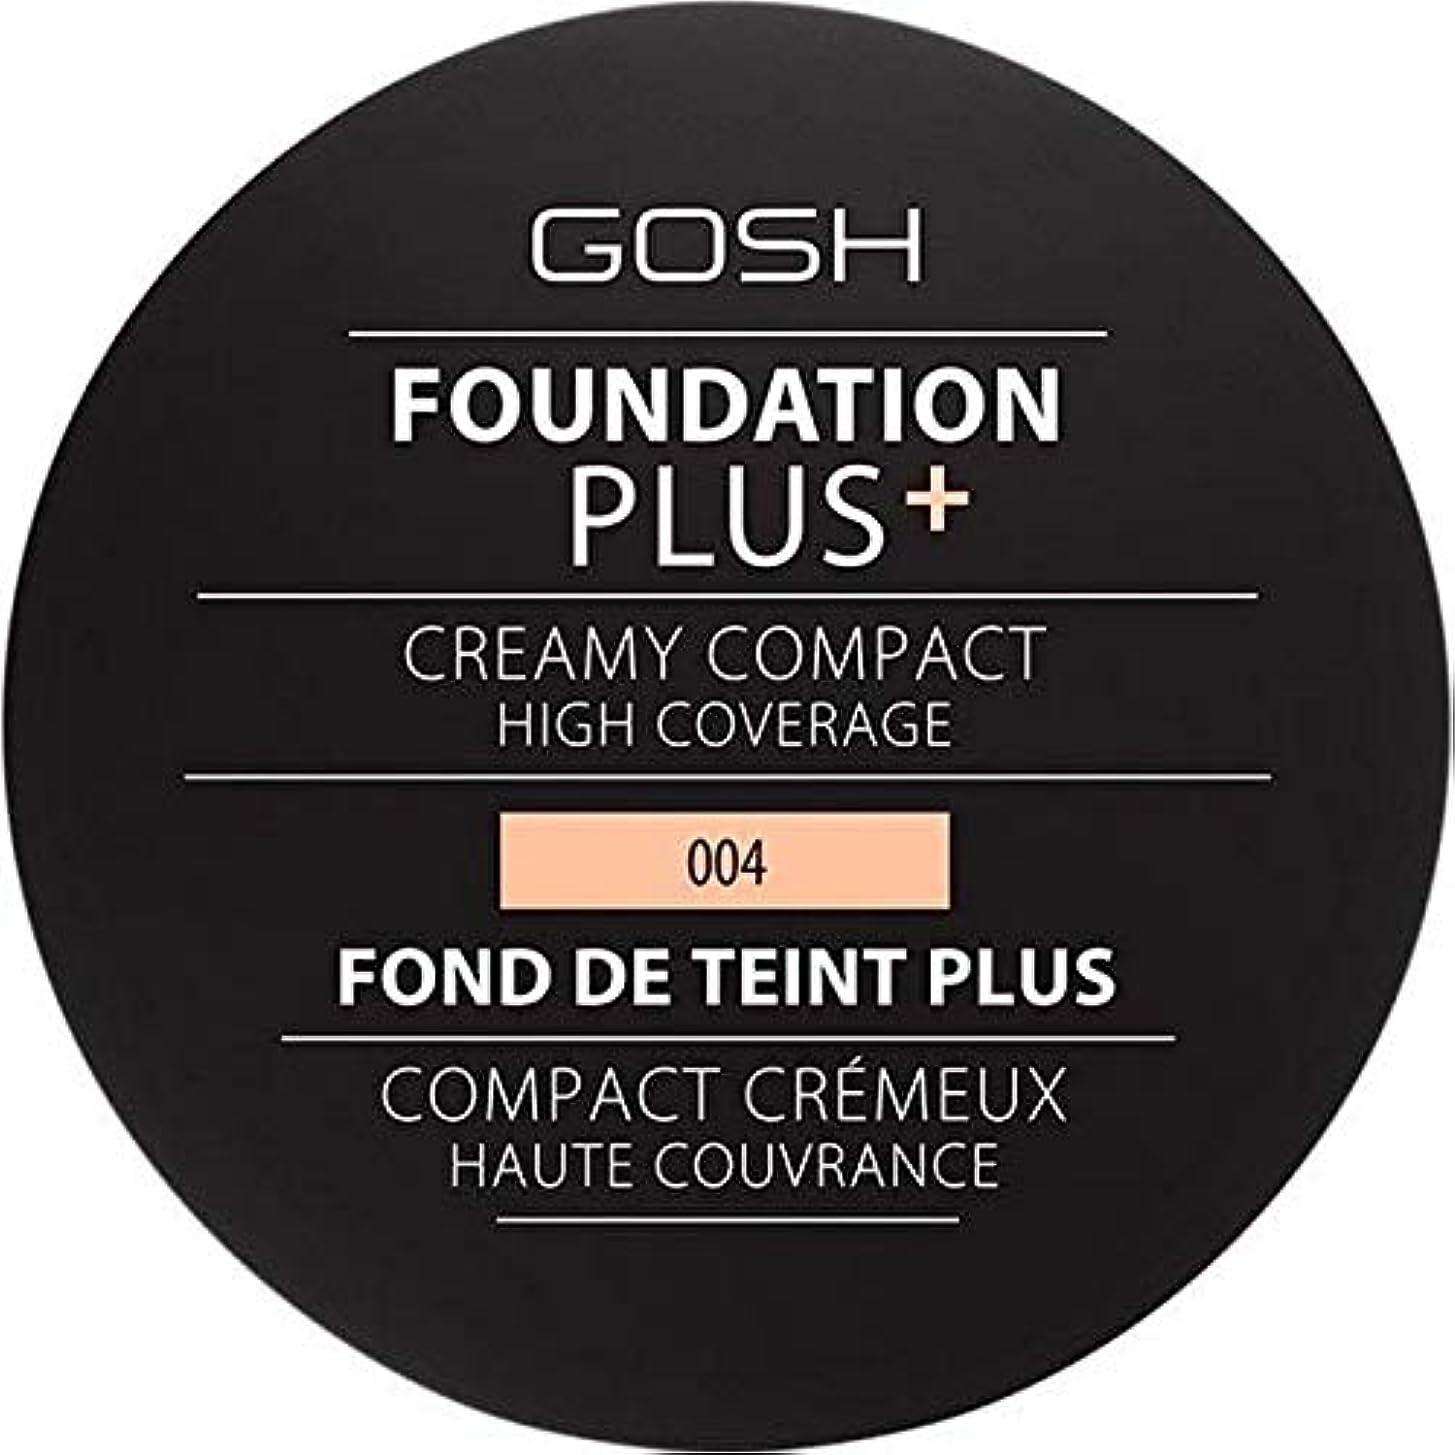 背骨土器イデオロギー[GOSH ] 基礎プラス+クリーミーコンパクトな自然004 - Foundation Plus+ Creamy Compact Natural 004 [並行輸入品]